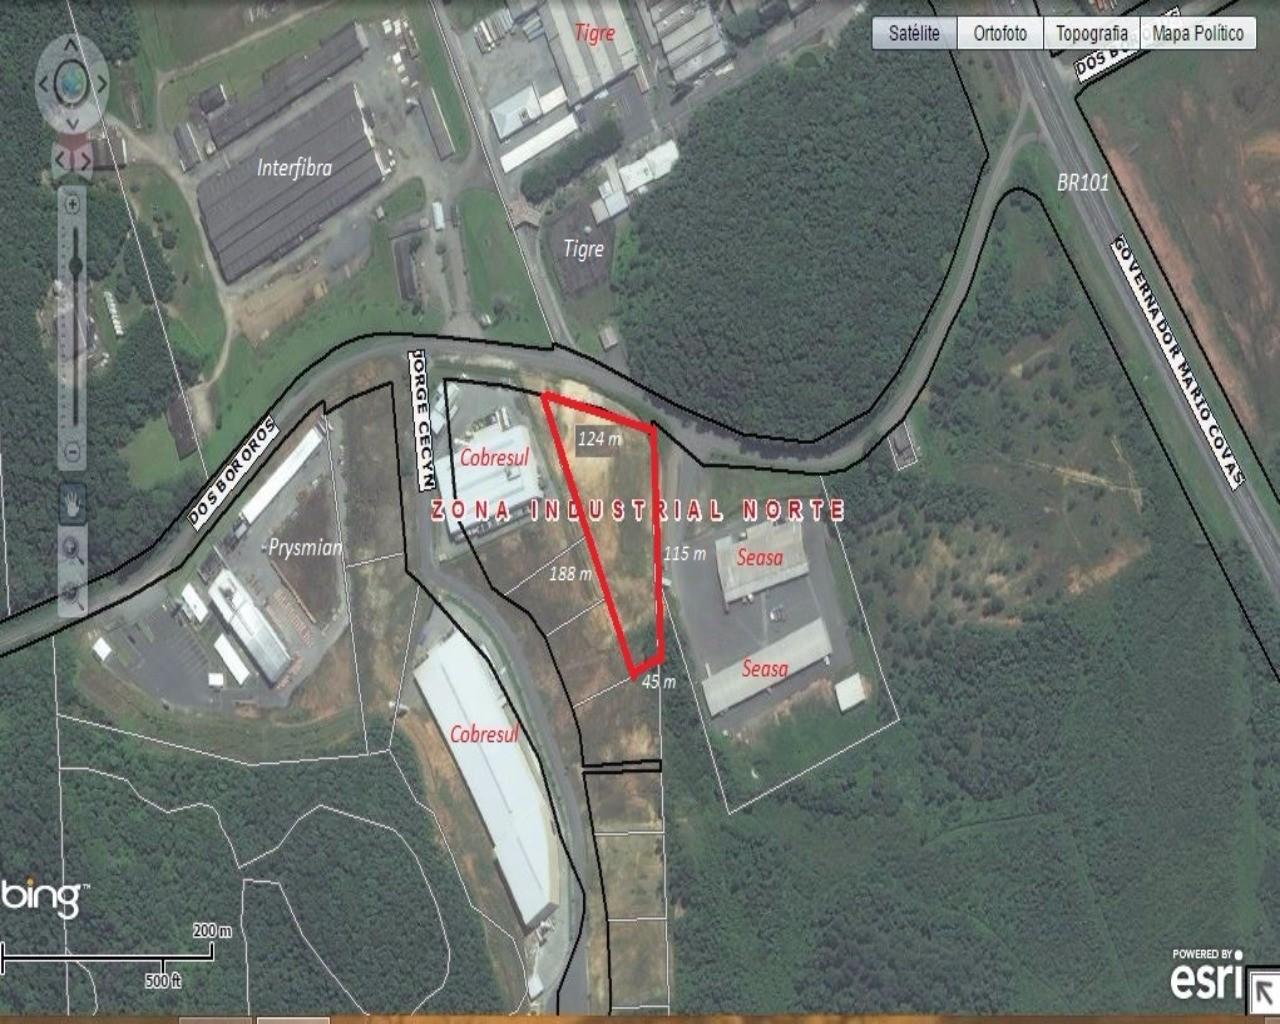 Terreno/Lote à venda  no Distrito Industrial - Joinville, SC. Imóveis